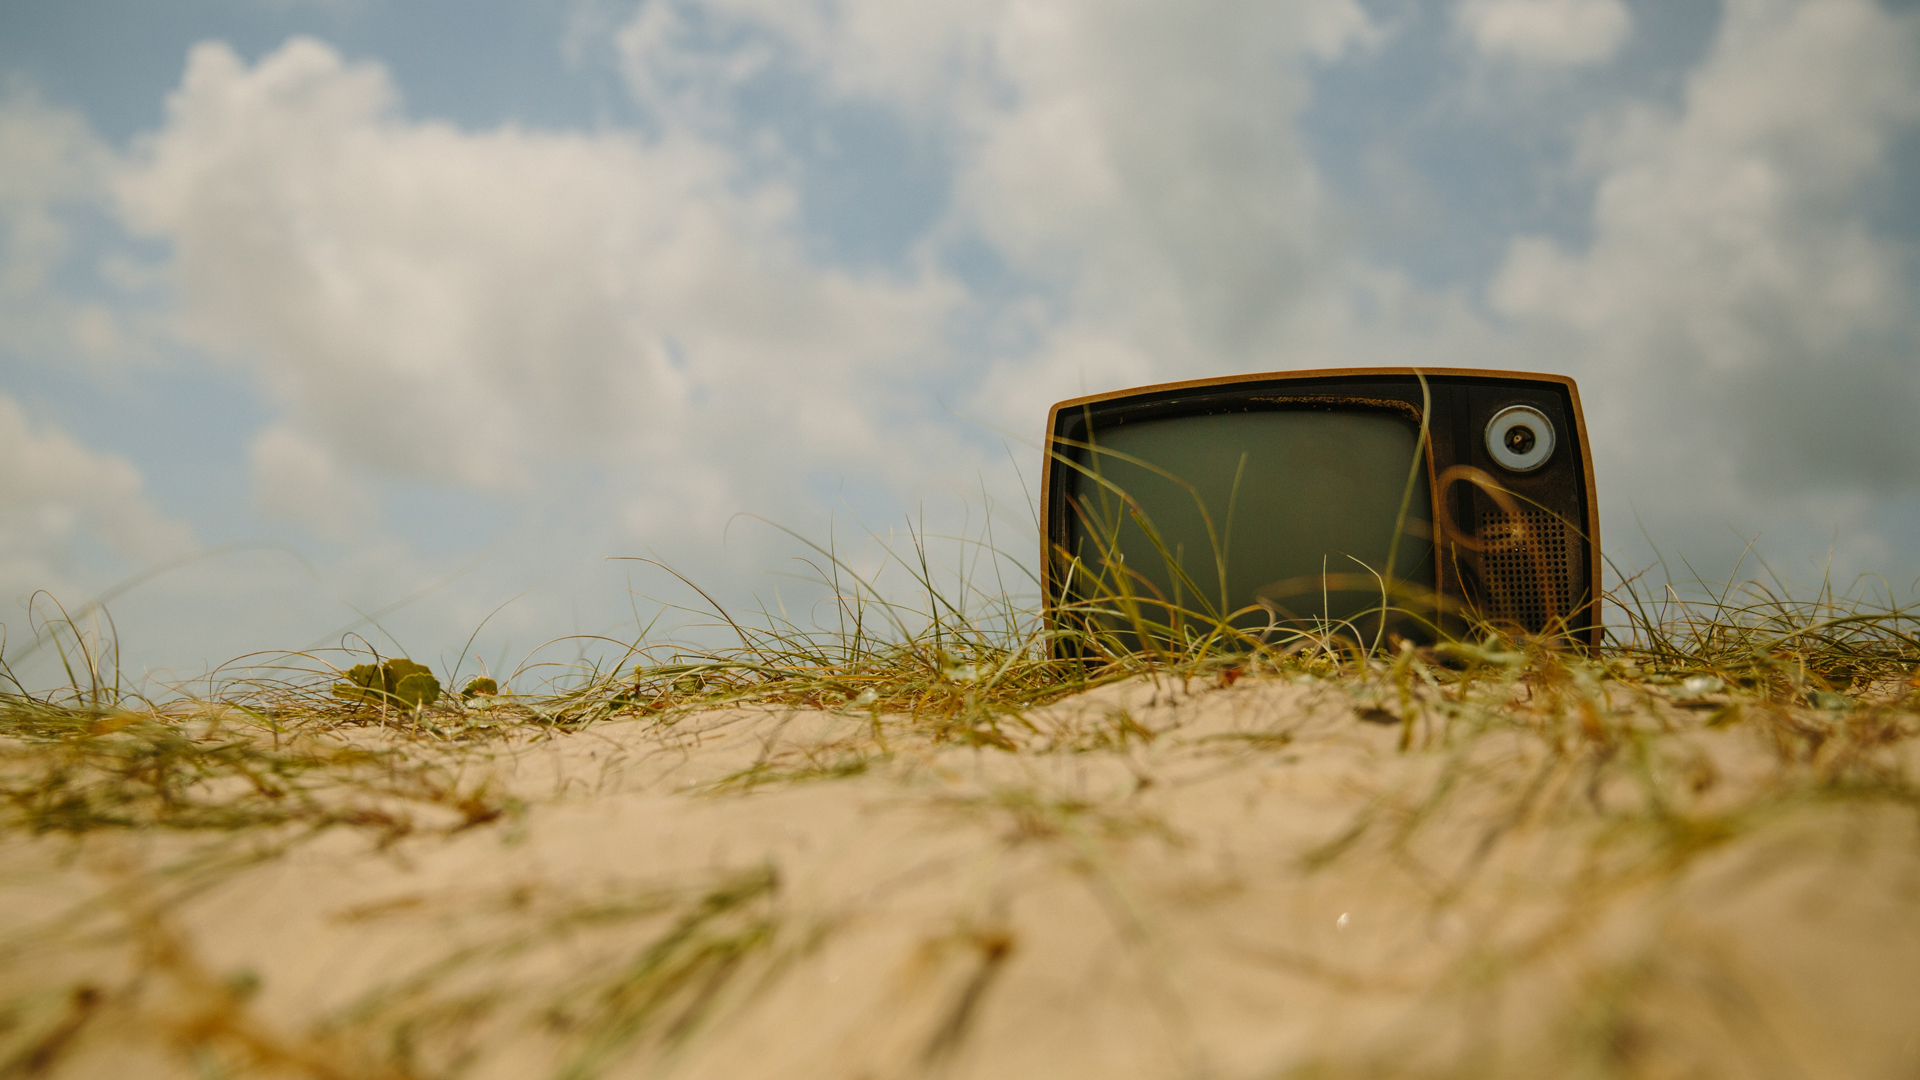 Como la tele: informar, formar y entretener